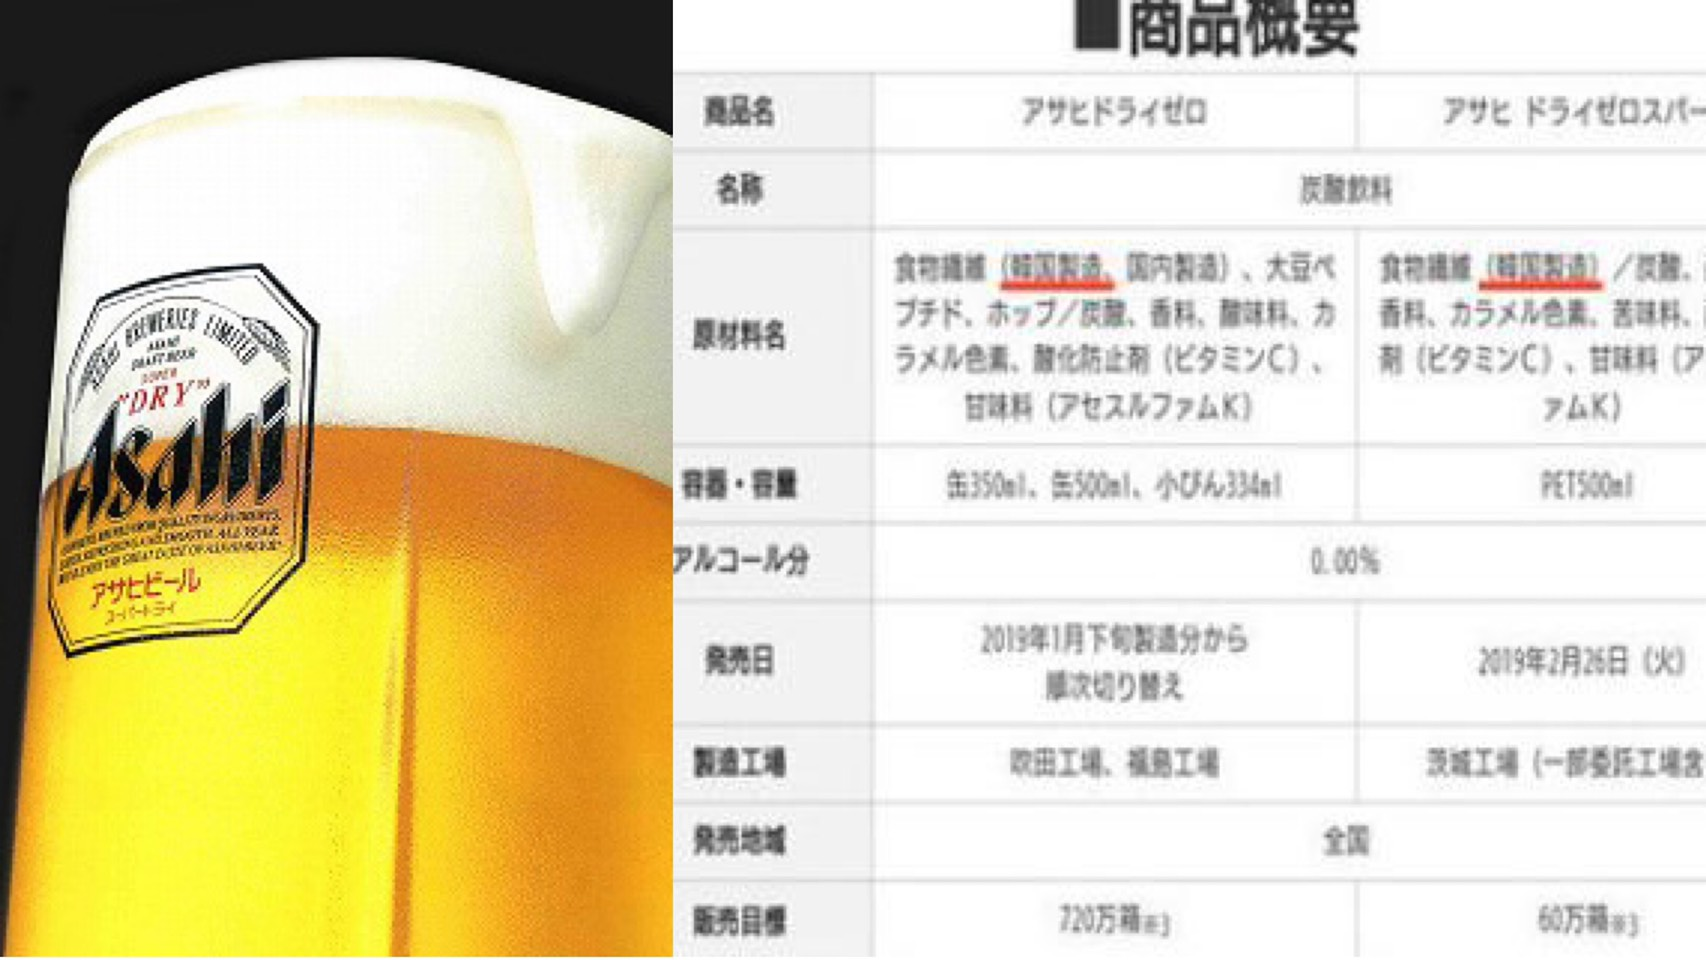 「アサヒは飲むもので、読むものではない」と思っていた・・・アサヒビール、リニューアルで韓国産の原材料に切替え。新役員に朴秦民氏